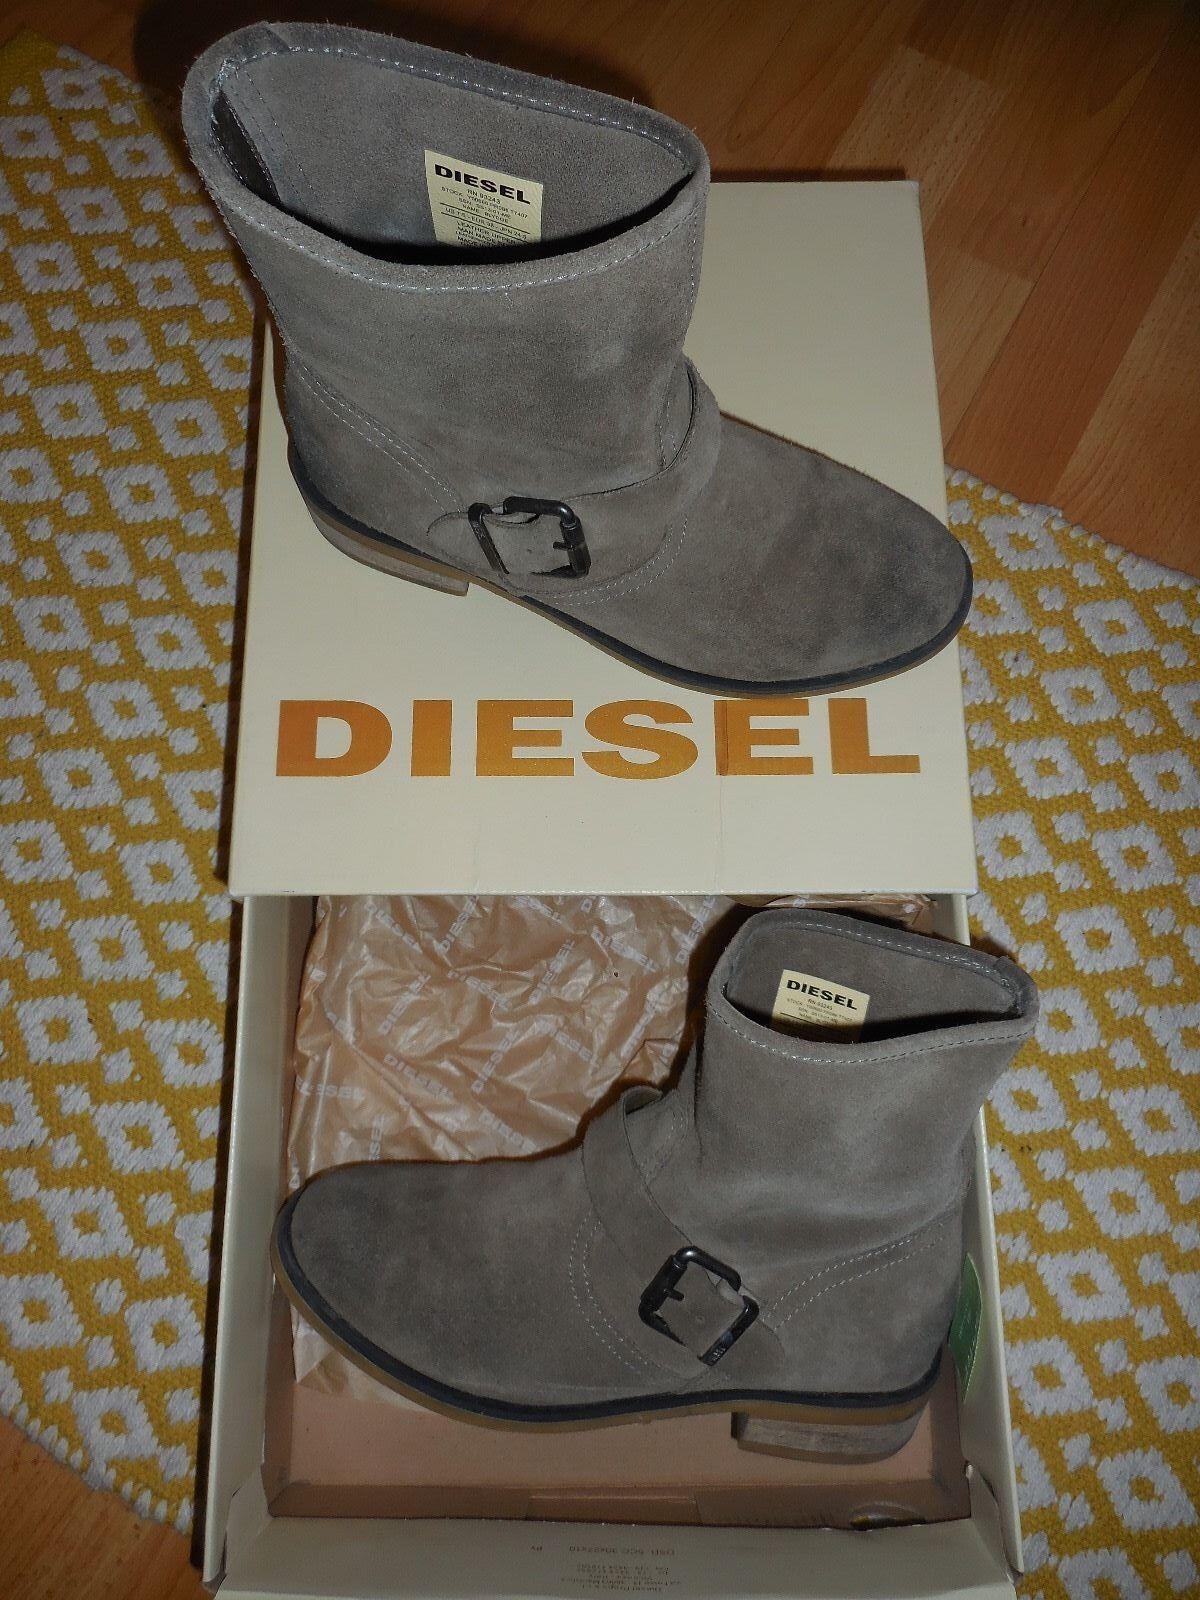 DIESEL - Stiefel BOTTINE FEMME cuir DAIM 38/39 38/39 38/39 BLYDGE 37f0e2